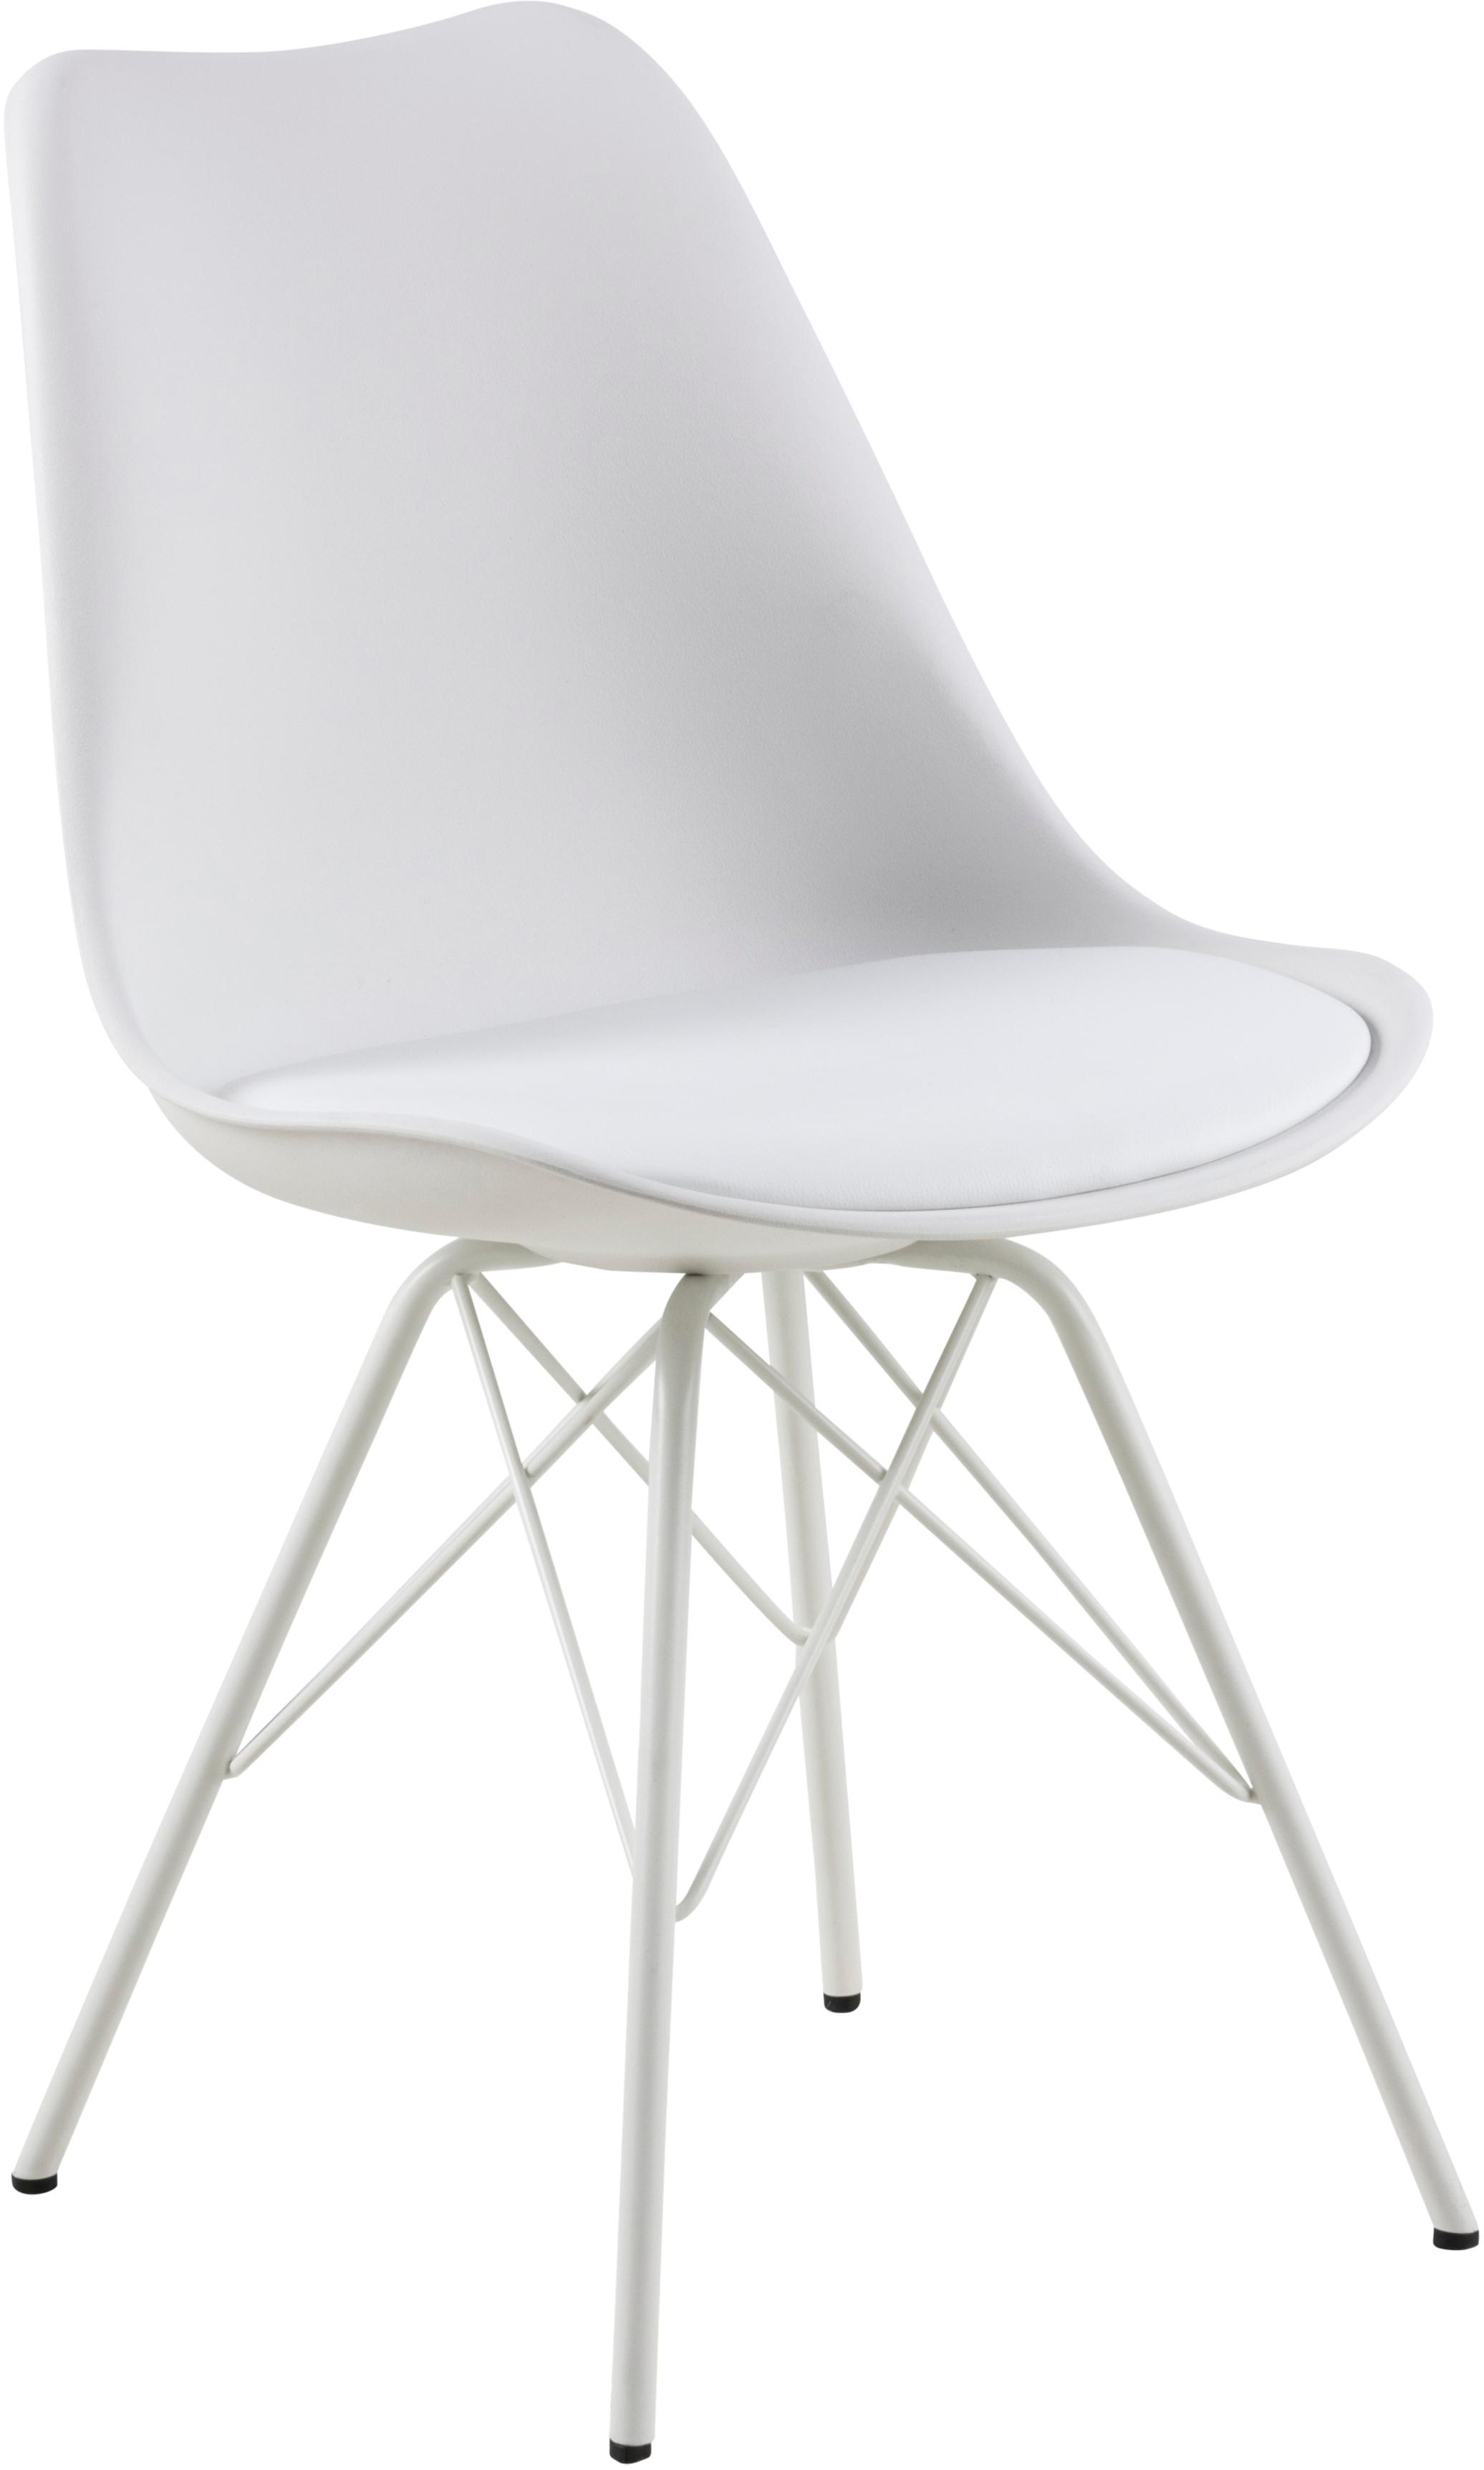 Kunststoff-Stühle Eris, 2 Stück, Sitzschale: Kunststoff, Beine: Metall, pulverbeschichtet, Weiss, B 49 x T 54 cm